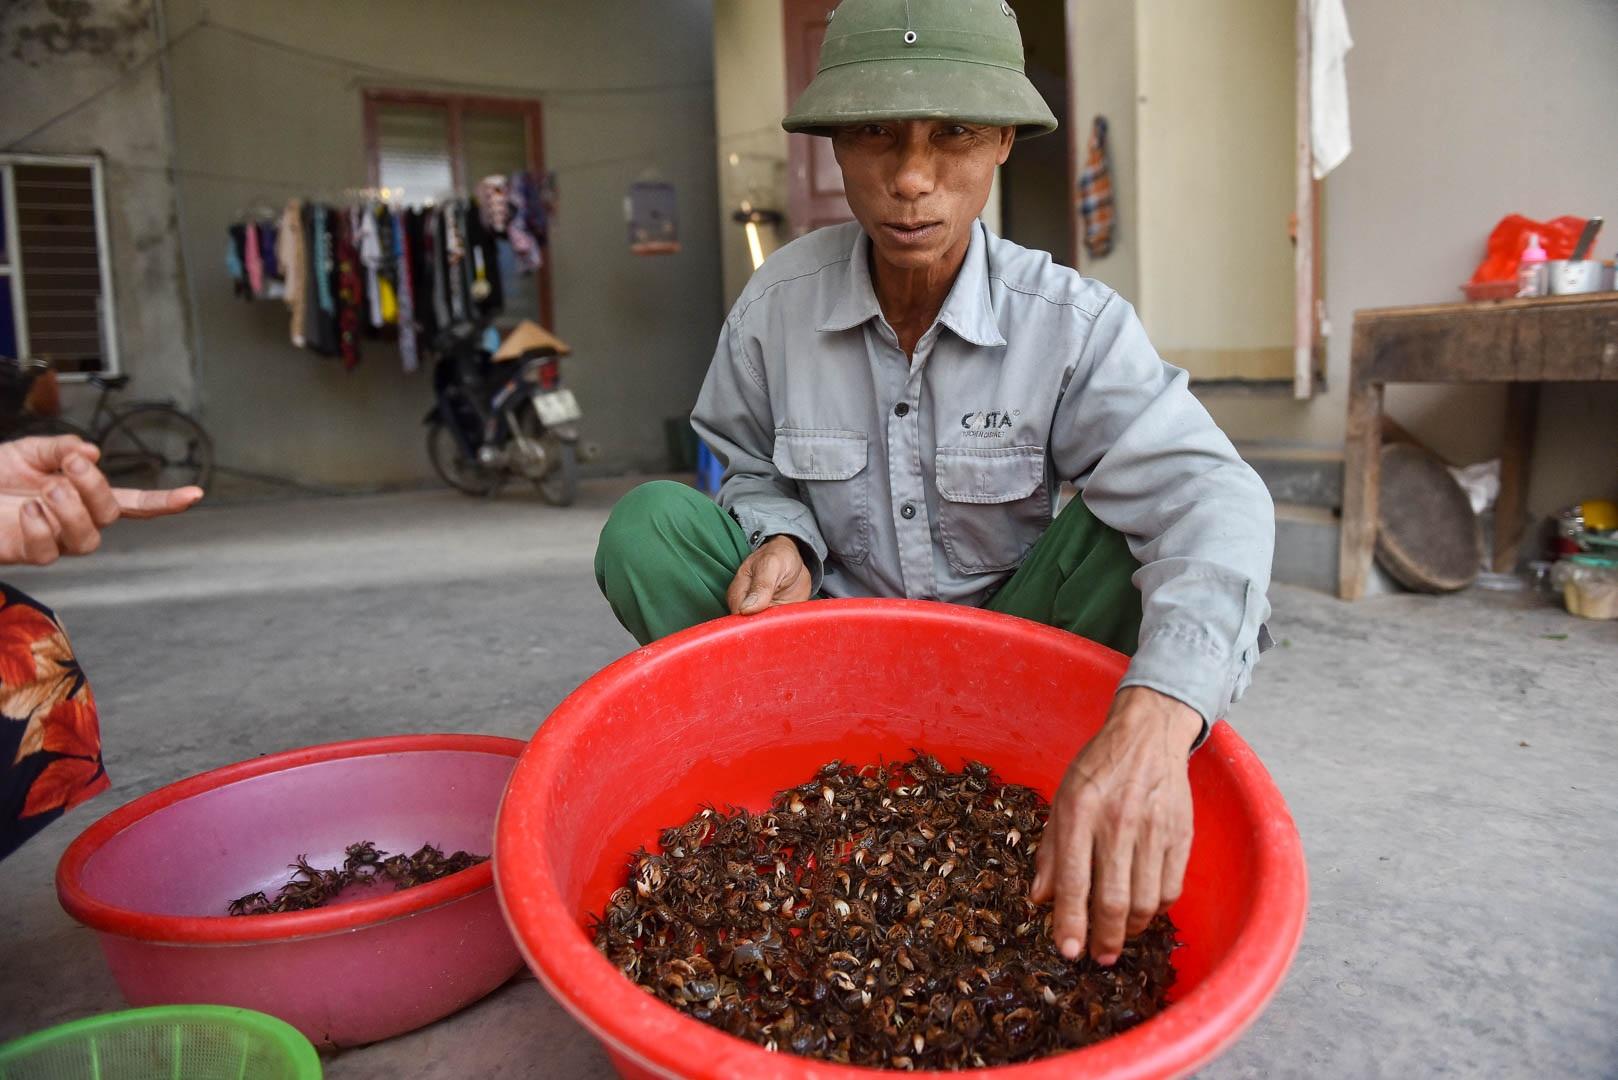 Câu con lộc trời cho: nông dân Hải Dương kiếm nửa triệu đồng mỗi ngày - 21